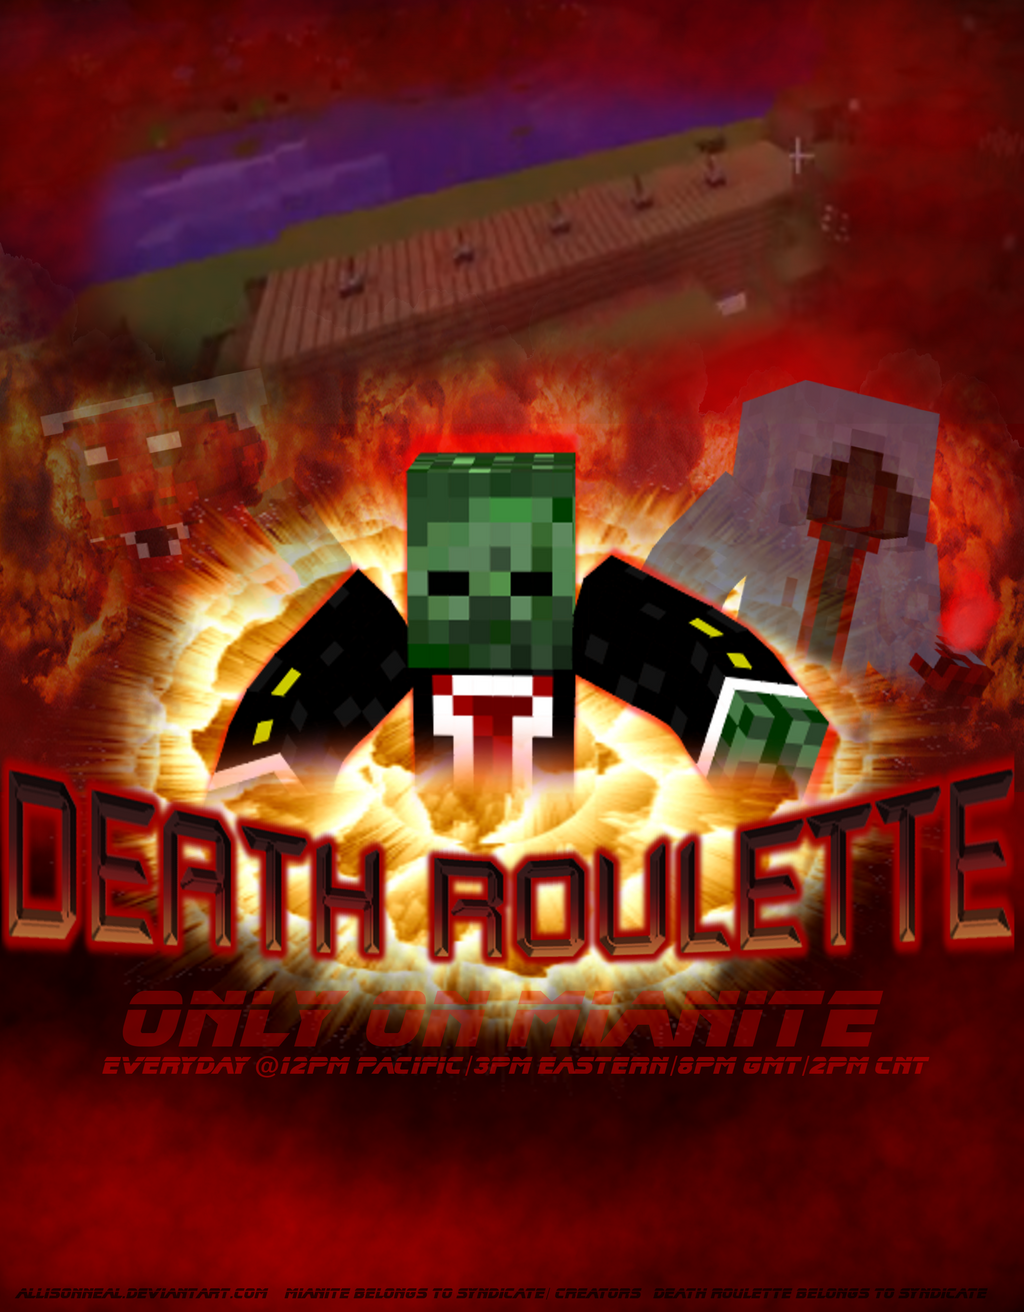 Death roulette